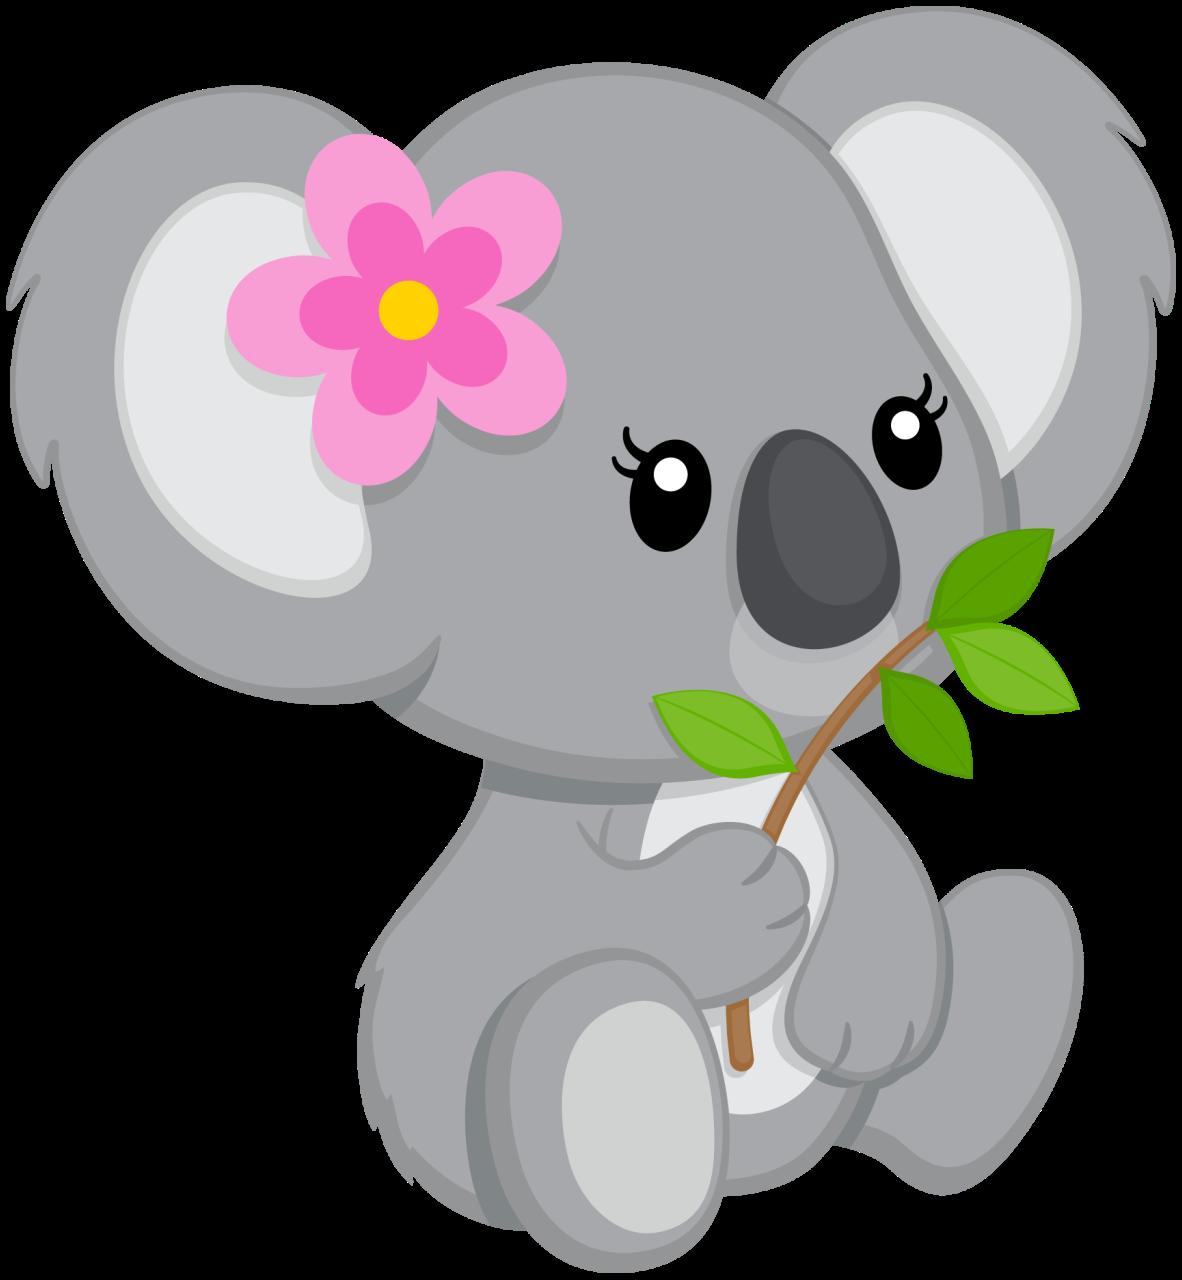 Clipart koalas vector royalty free stock Koala bear | Painted rocks | Koala tattoo, Baby koala, Australian ... vector royalty free stock